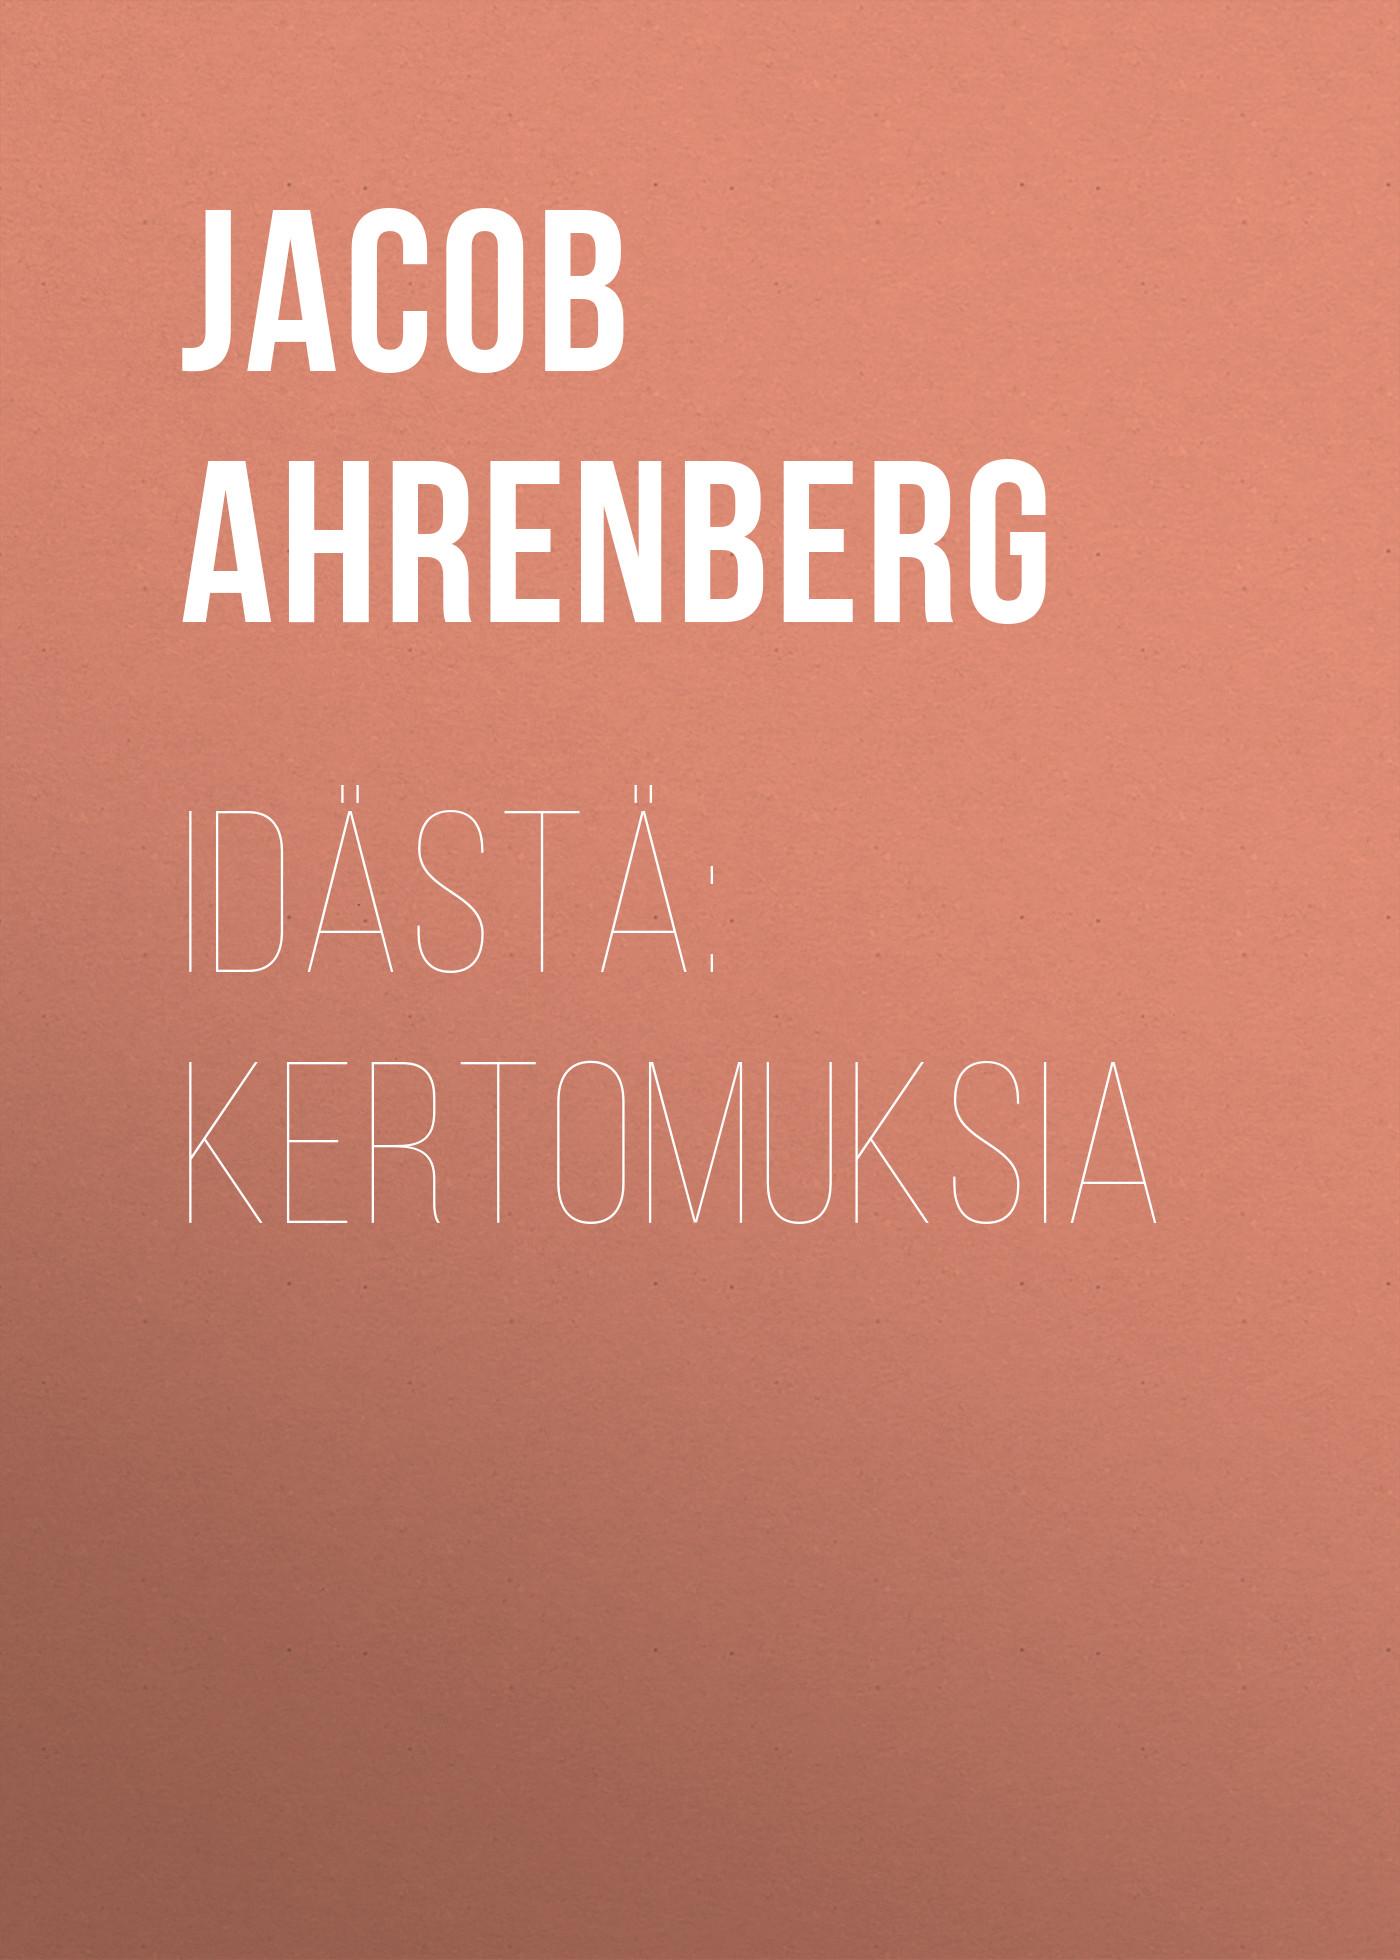 Jacob Ahrenberg Idästä: Kertomuksia jacob ahrenberg hihhuleita kuvauksia itä suomesta